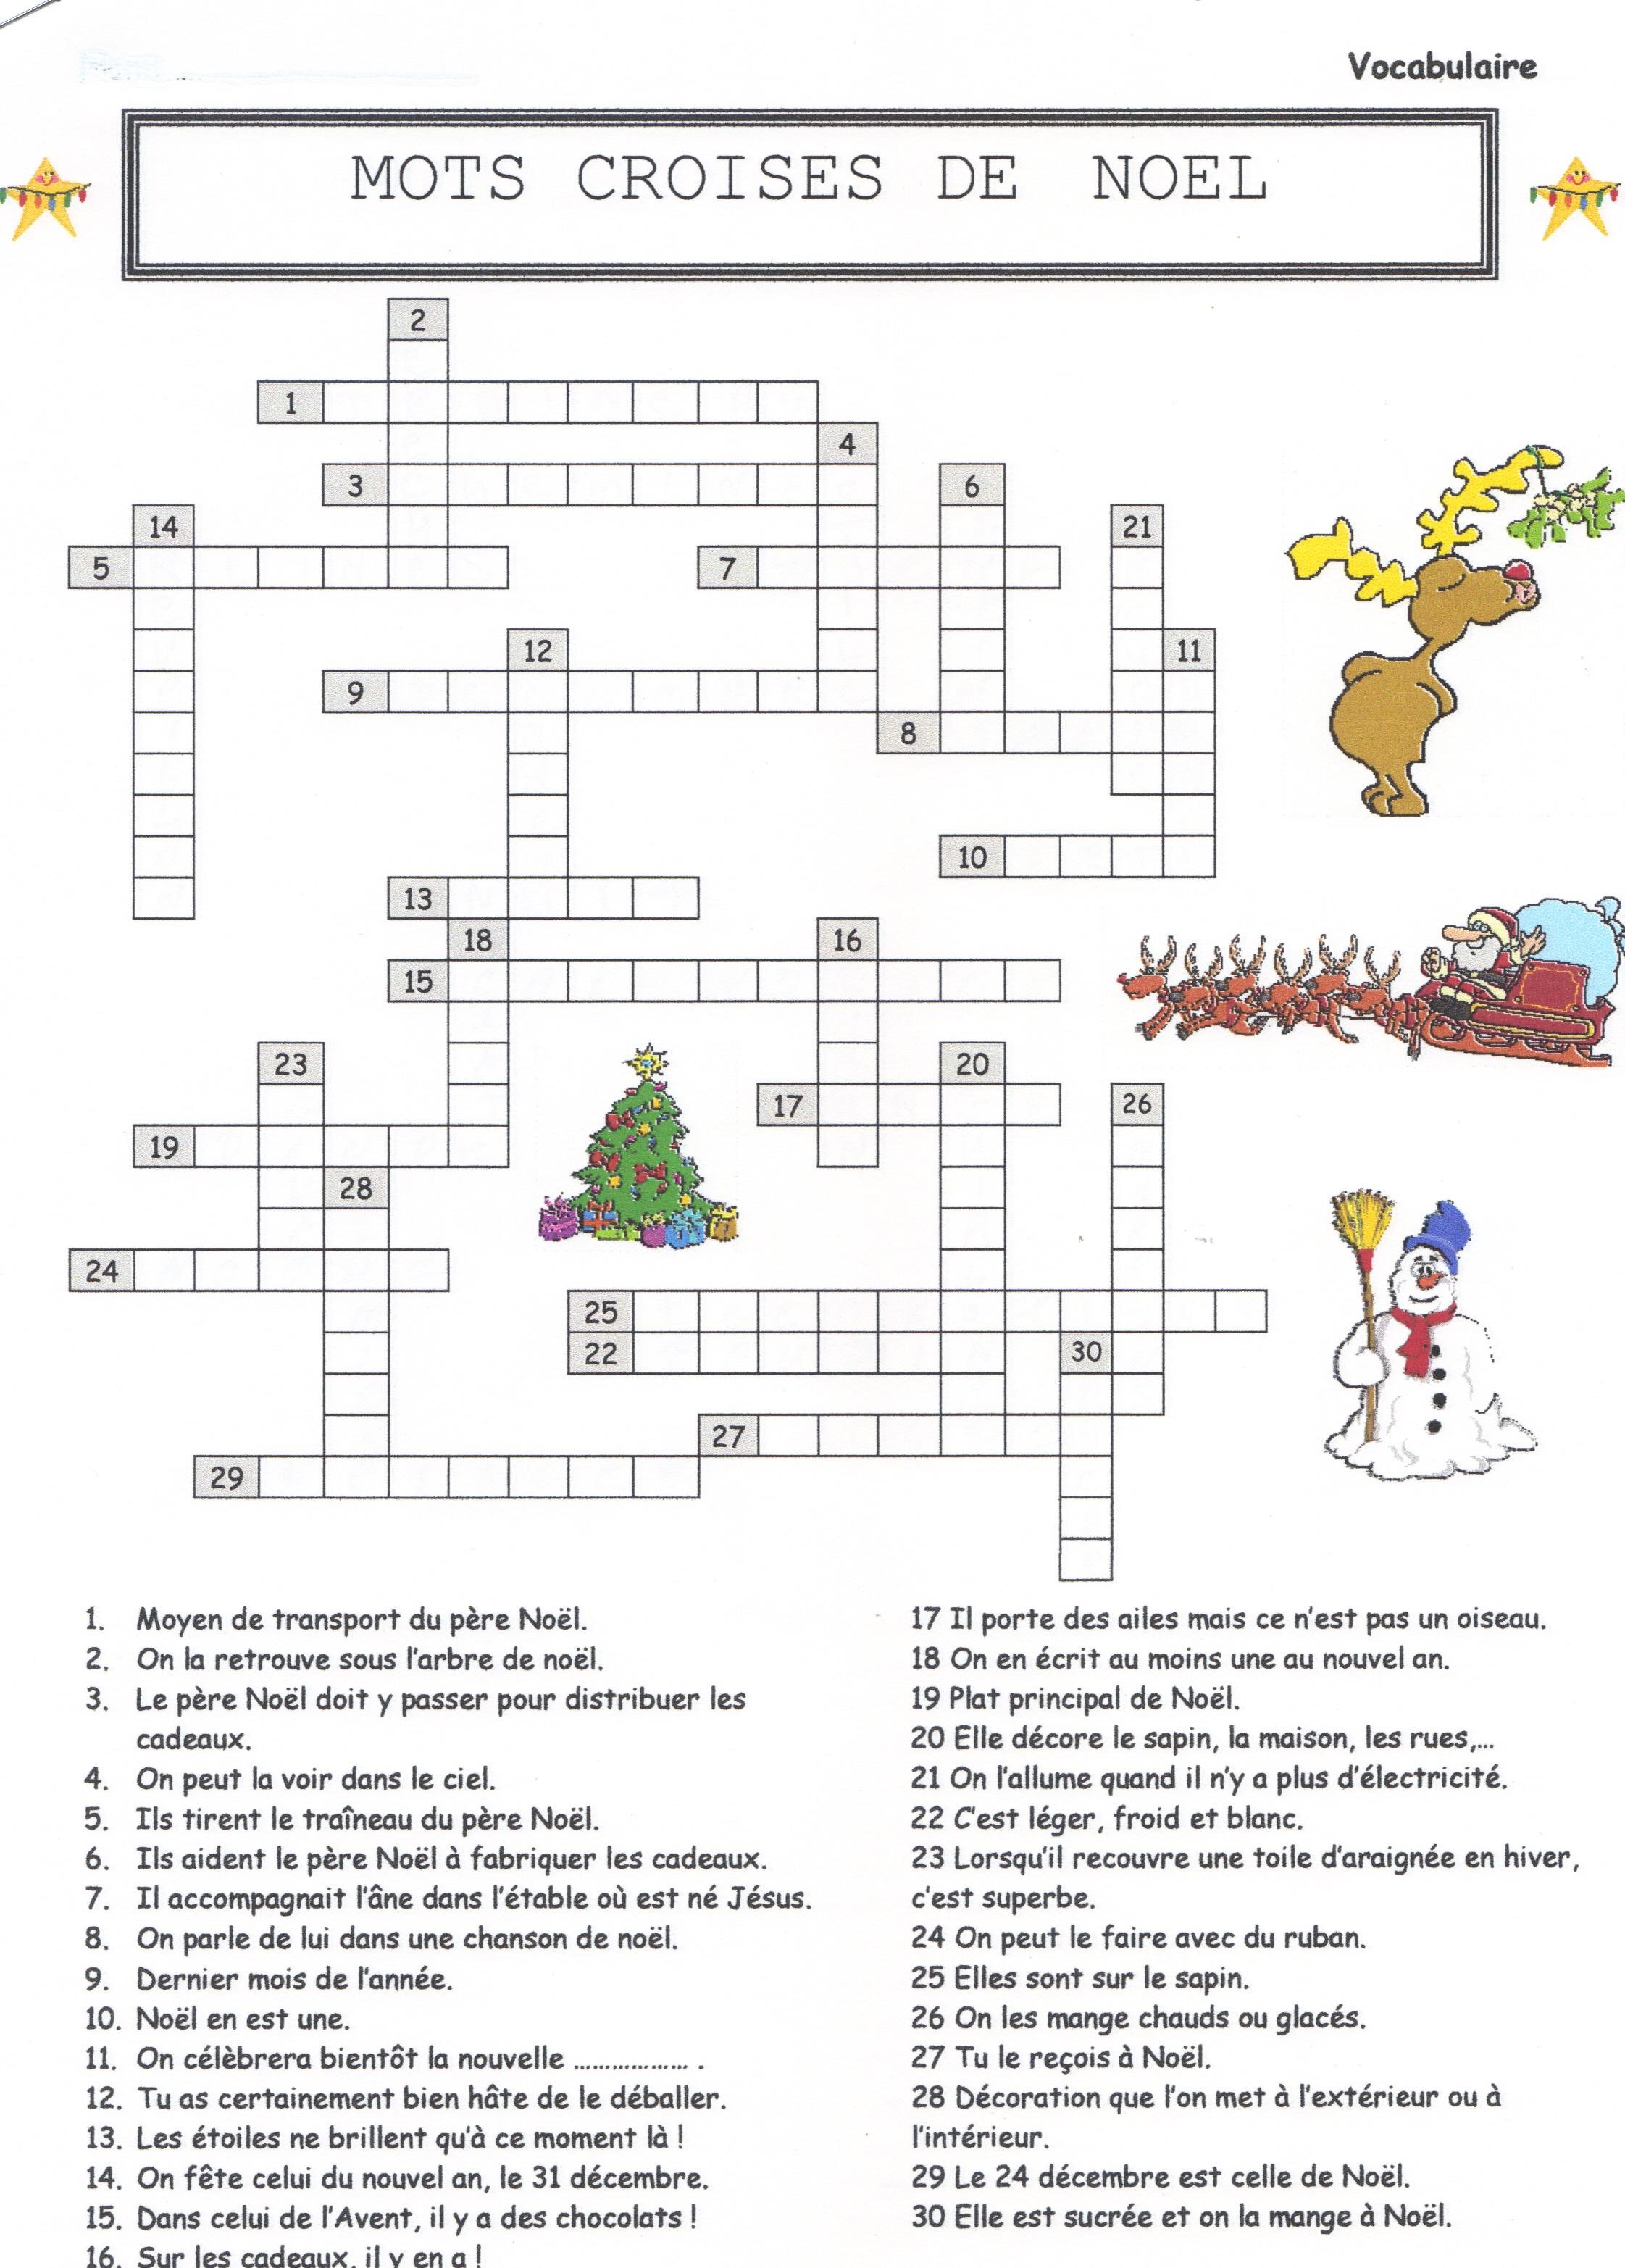 Mots Croises de Noel (Christmas Crossword Puzzle) | 24/7 in FRANCE